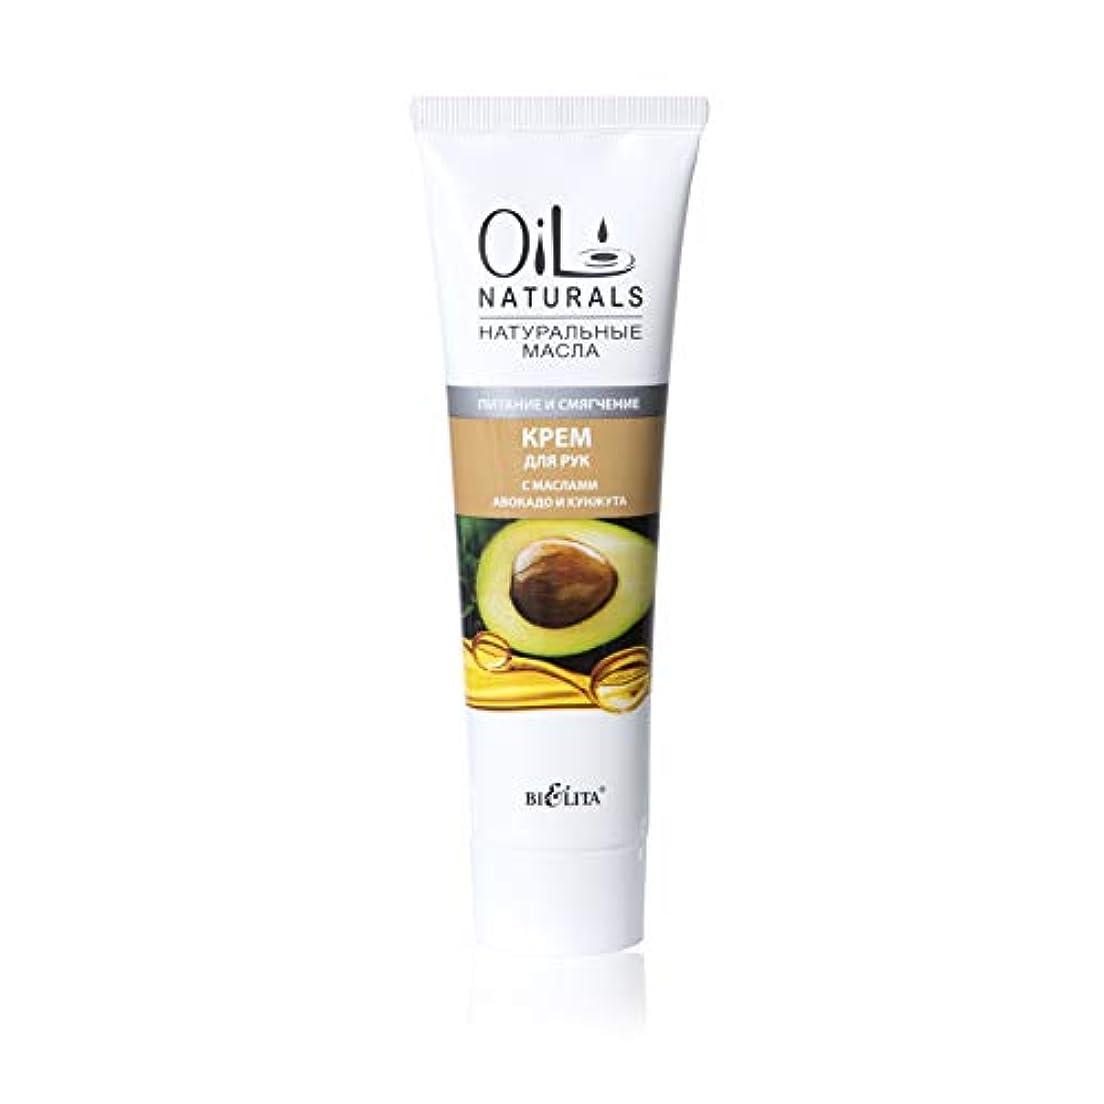 丁寧プラス変換するBielita & Vitex Oil Naturals Line | Nutrition & Softening Hand Cream, 100 ml | Avocado Oil, Silk Proteins, Sesame...